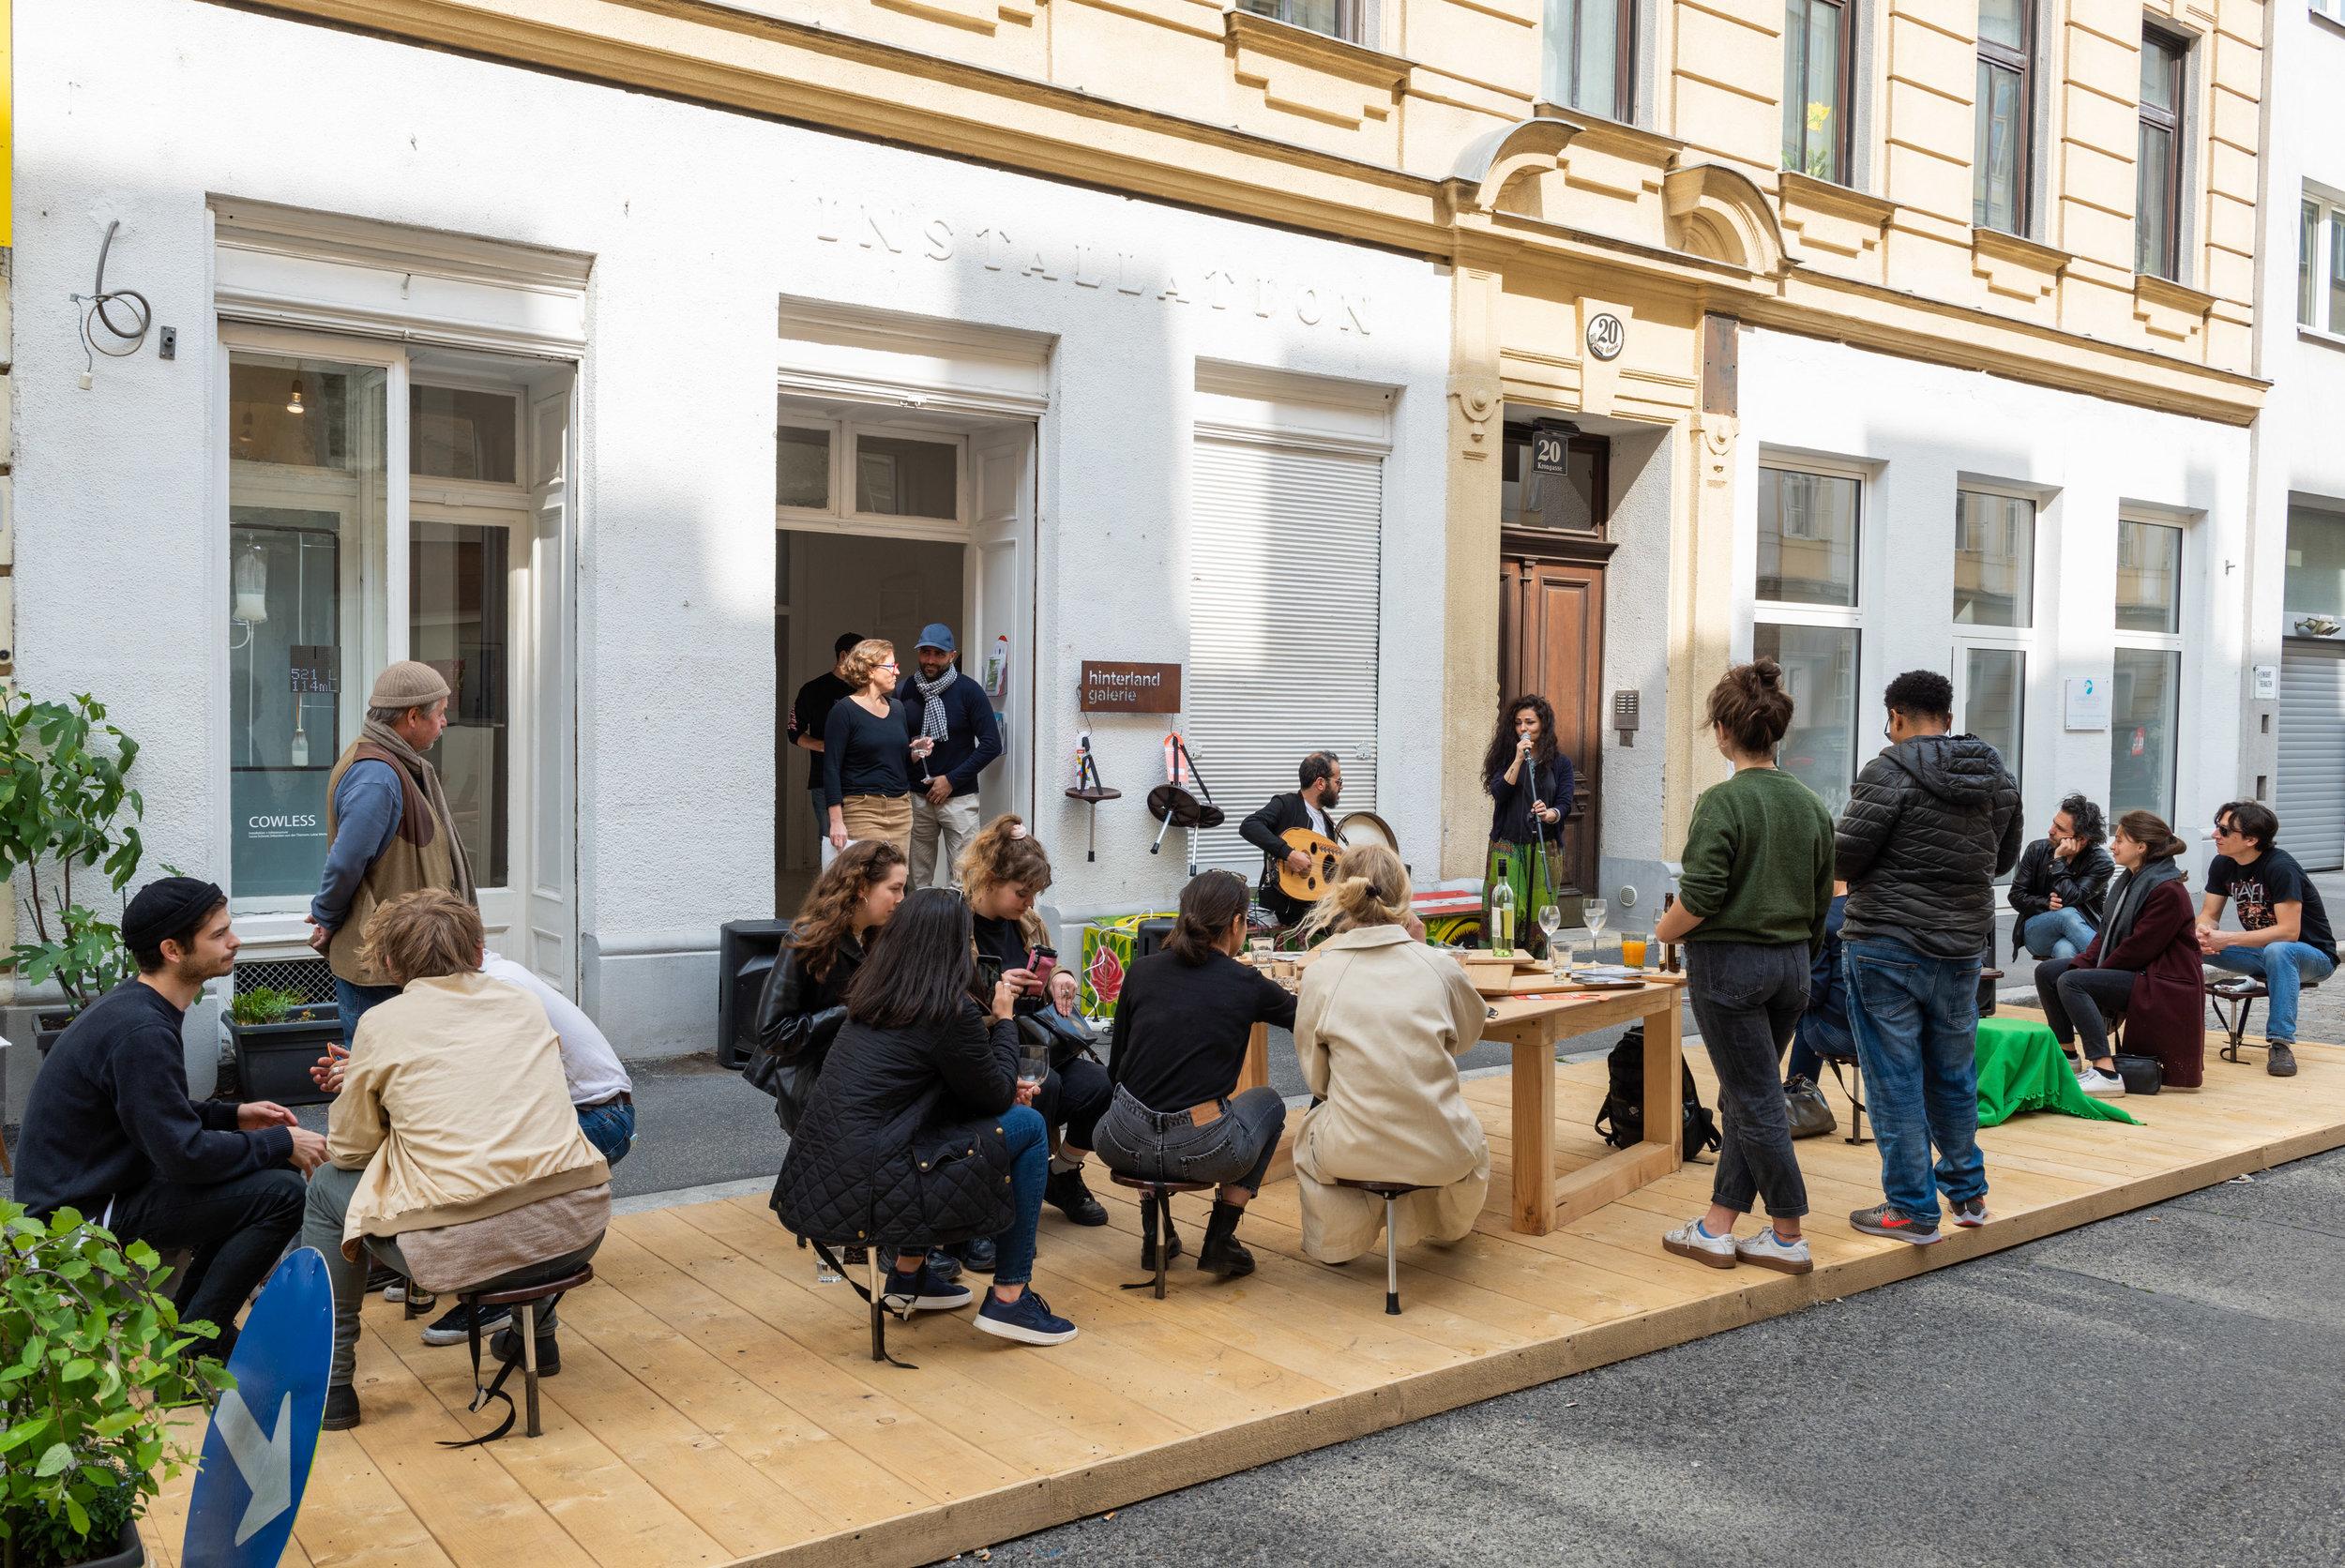 Galerie Hinterland, Strassenfest 18.5.2019 (84).jpg